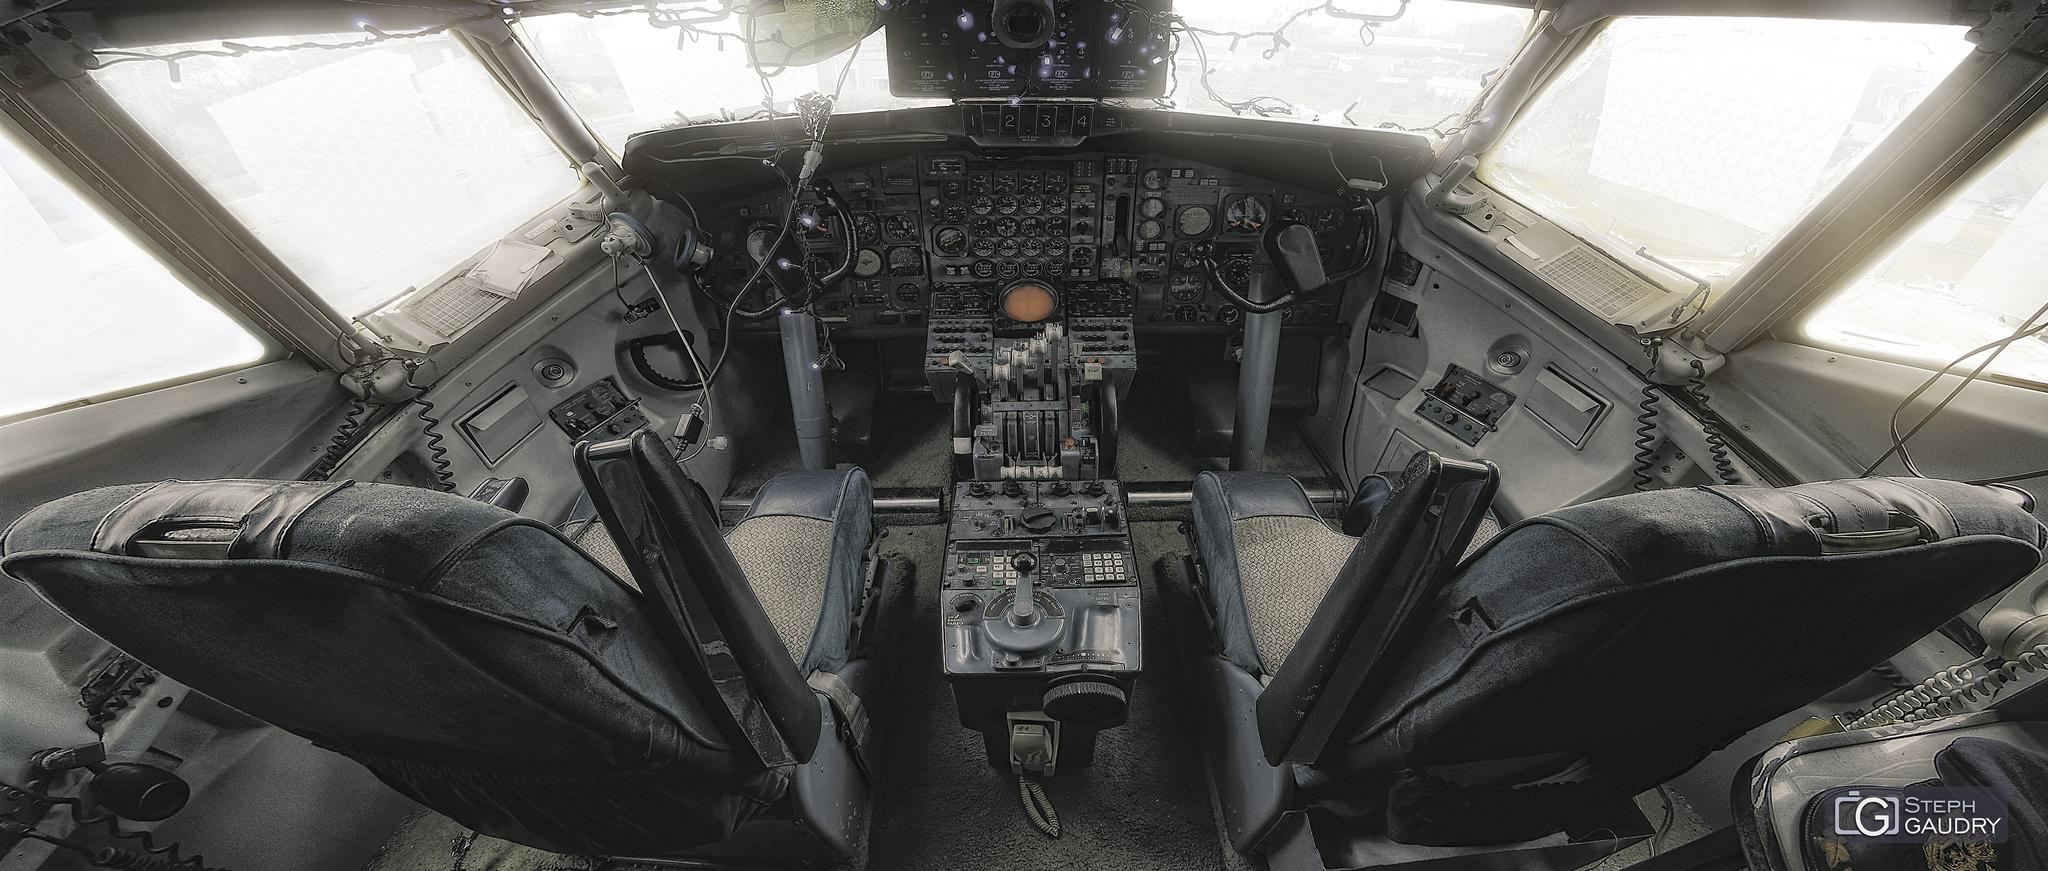 Cockpit Boeing 707 - Flat colored version [Cliquez pour lancer le diaporama]